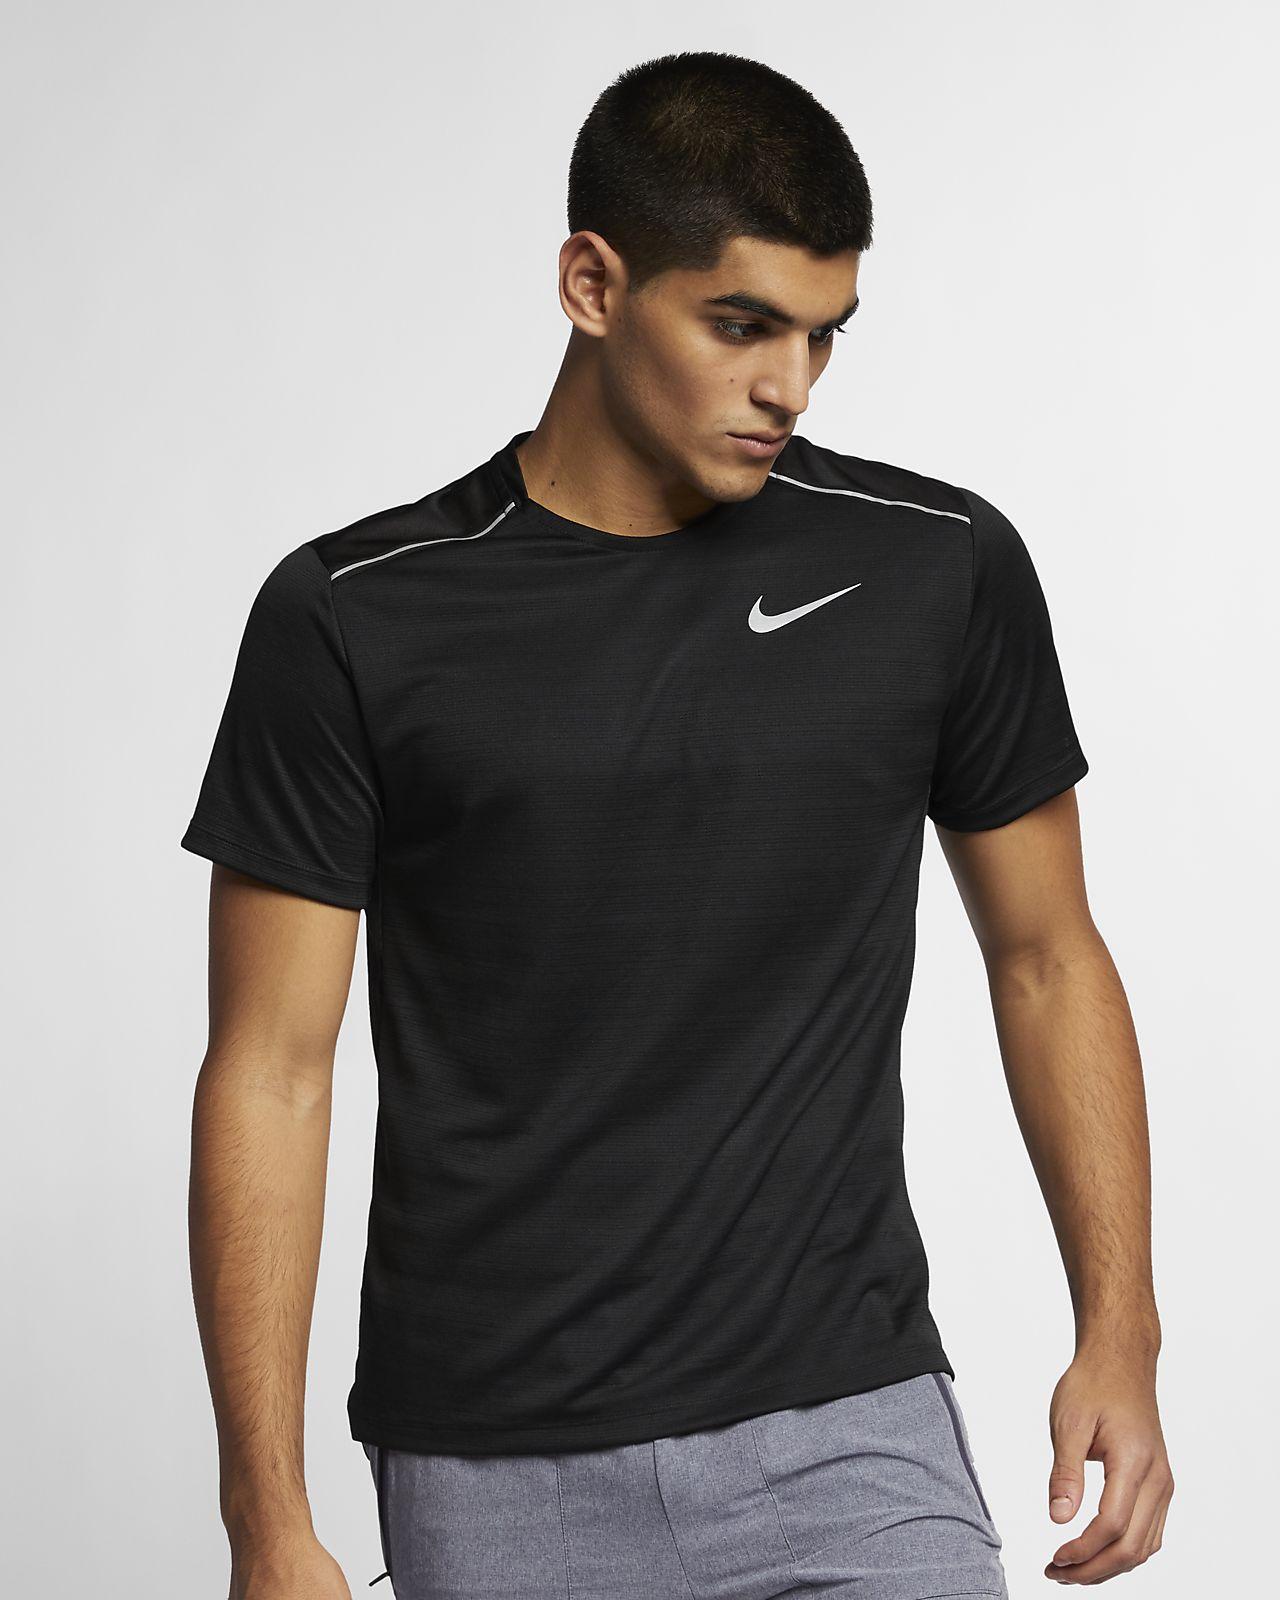 Męska koszulka z krótkim rękawem do biegania Nike Dri-FIT Miler